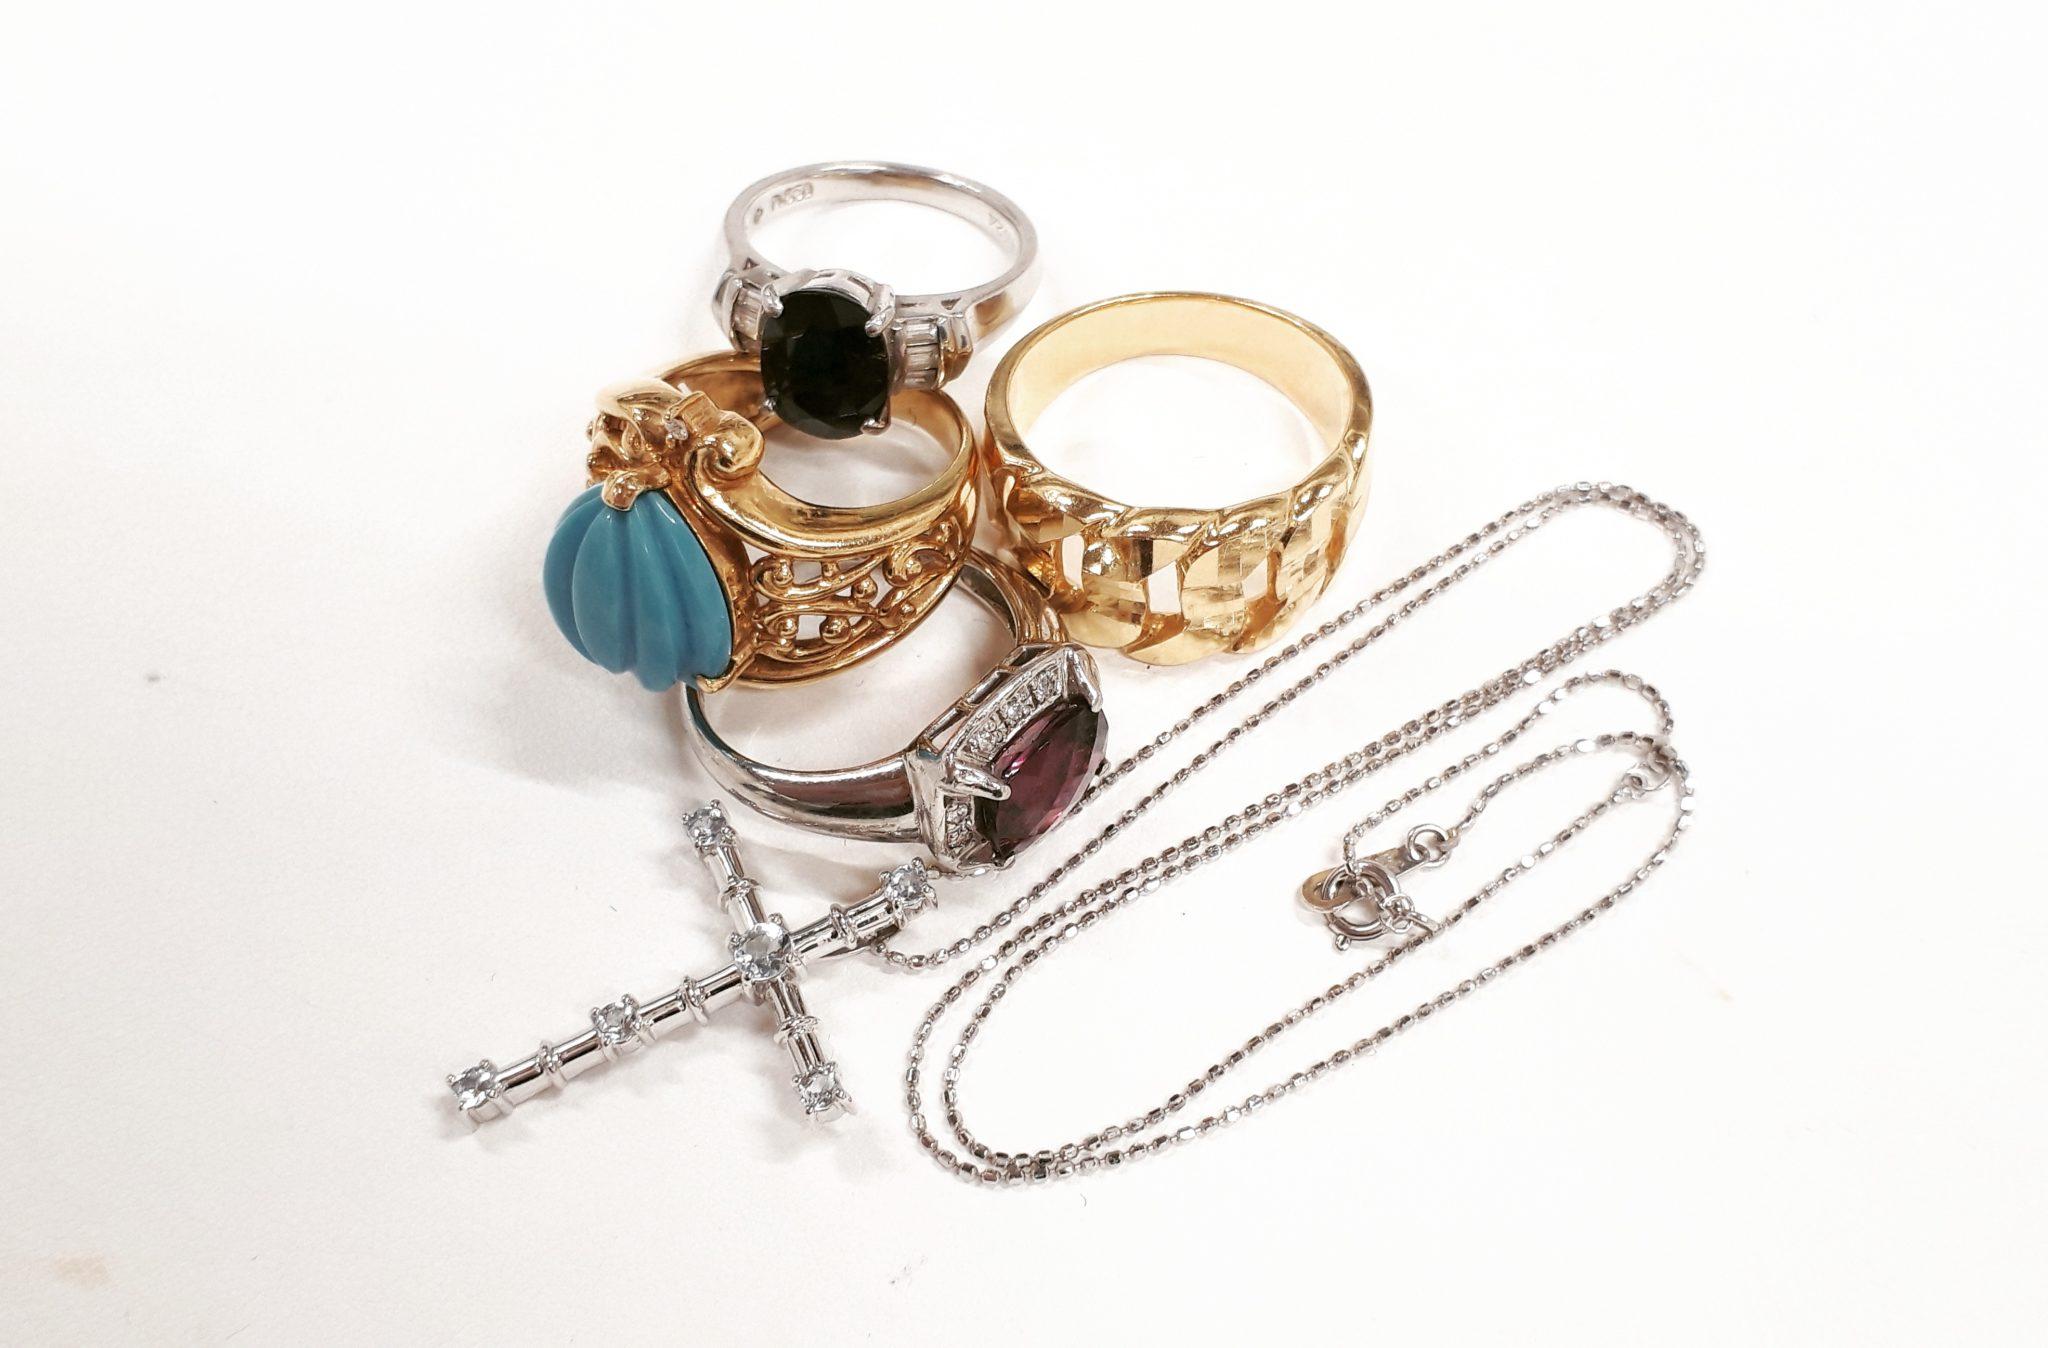 【金プラチナ アクセサリー 指輪 ネックレス】を盛岡市のお客様よりお買取させていただきました!